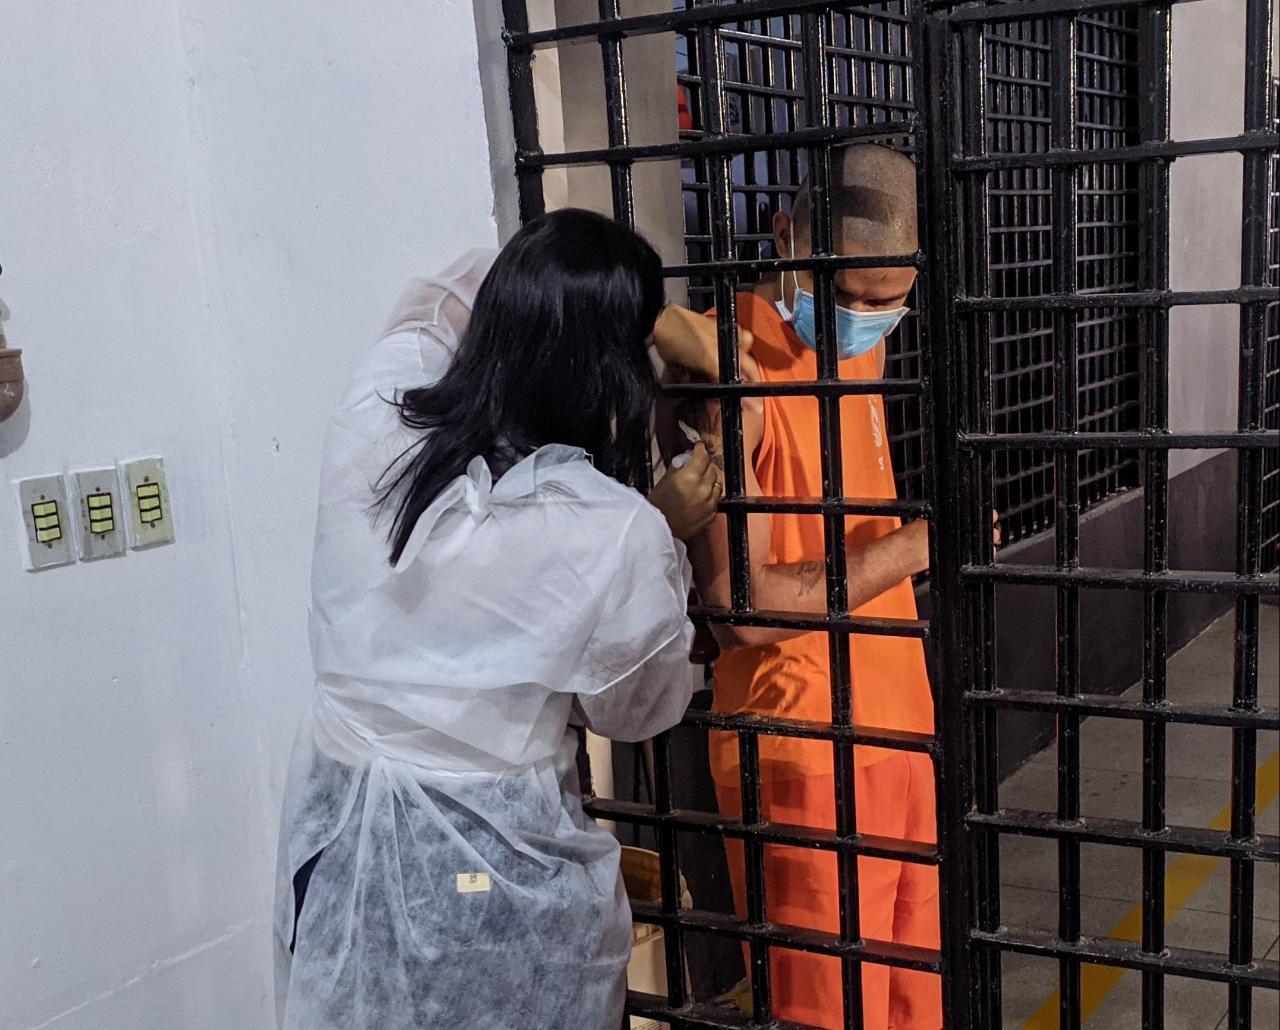 Sistema Penal do Tocantins inicia imunização de custodiados e servidores contra Influenza